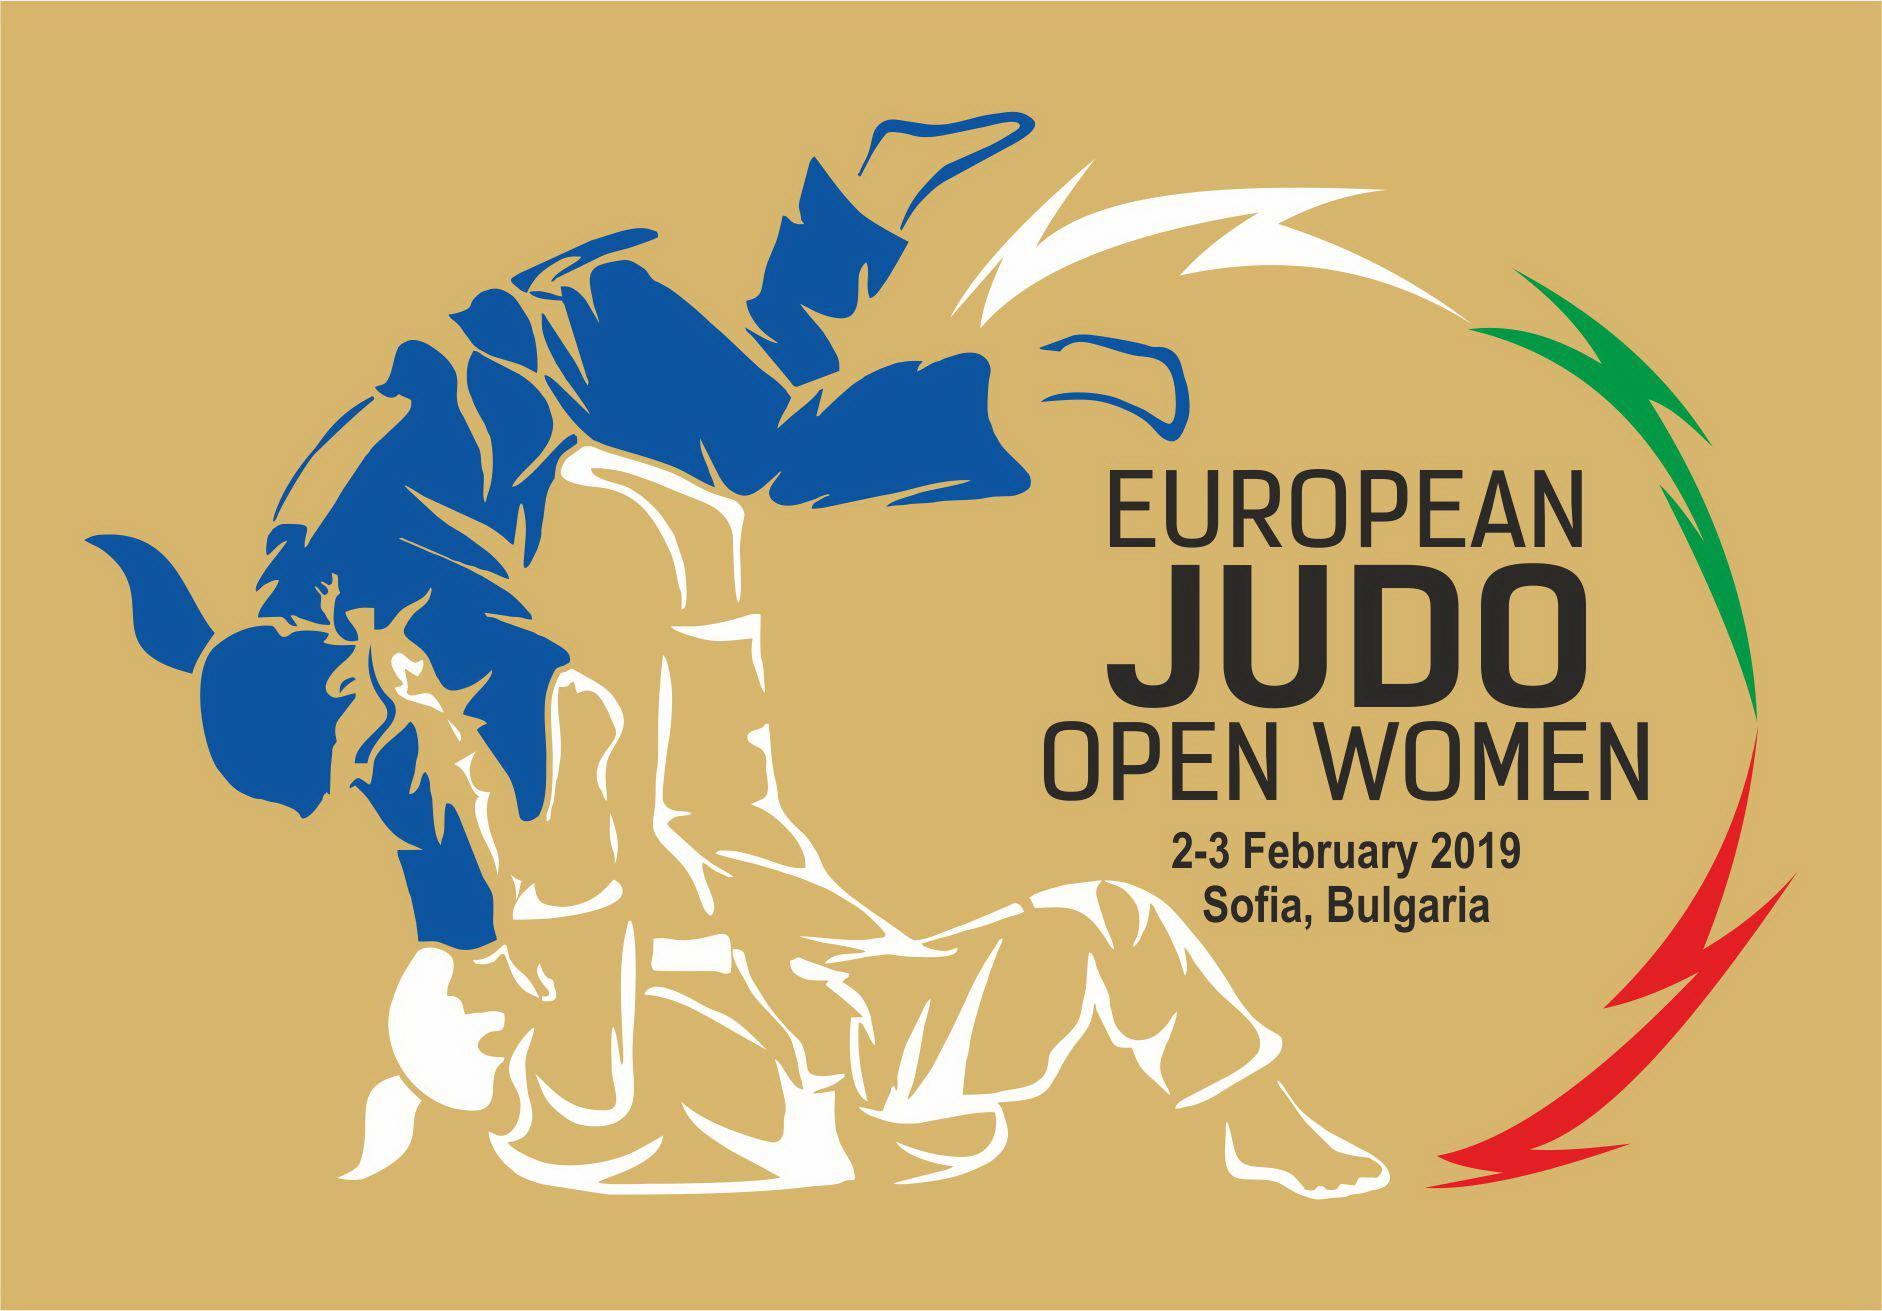 София приема Европейска отворена купа по джудо за жени